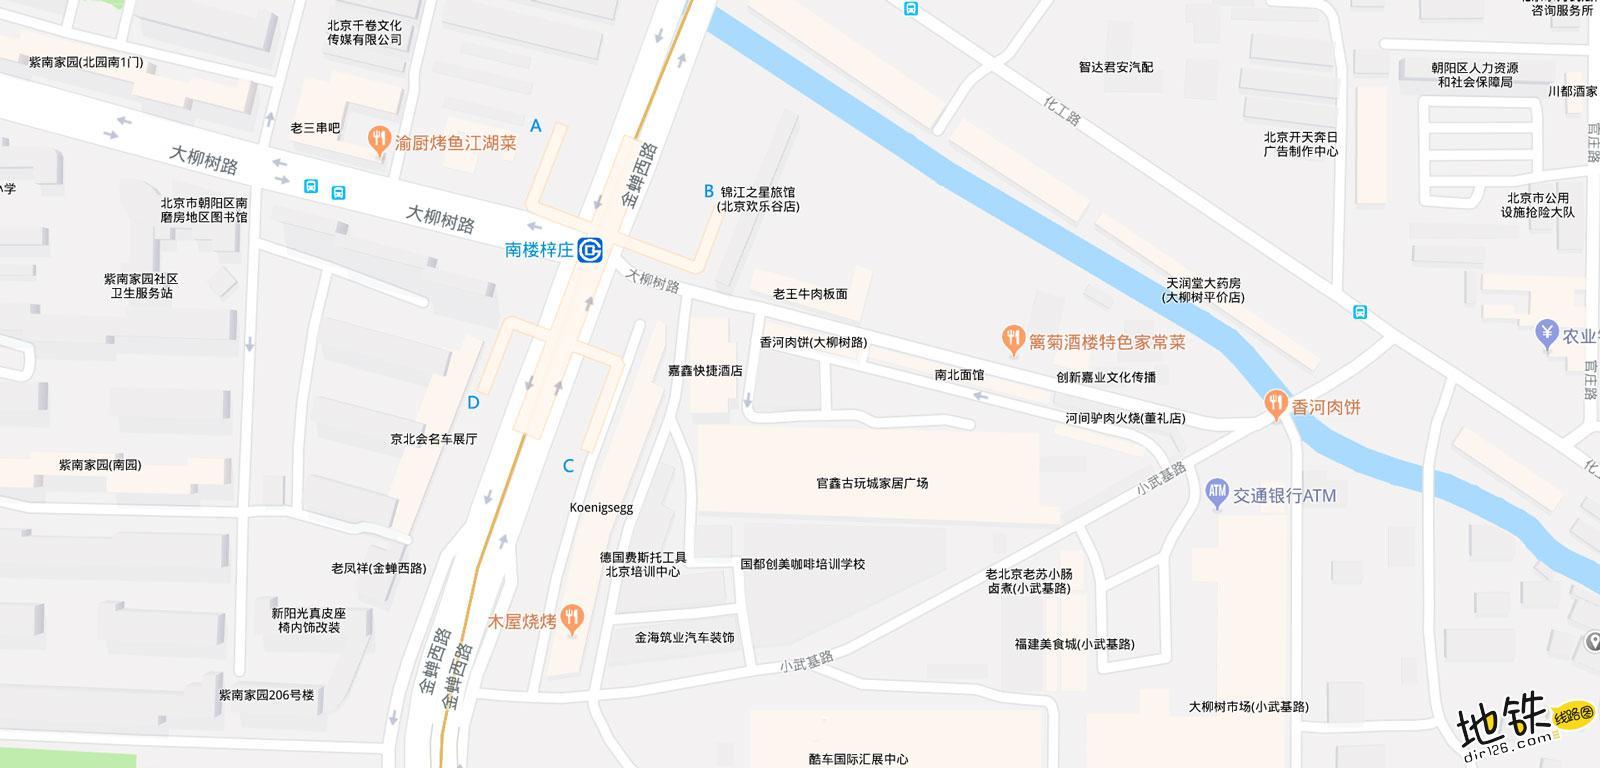 南楼梓庄地铁站 北京地铁南楼梓庄站出入口 地图信息查询  北京地铁站  第2张